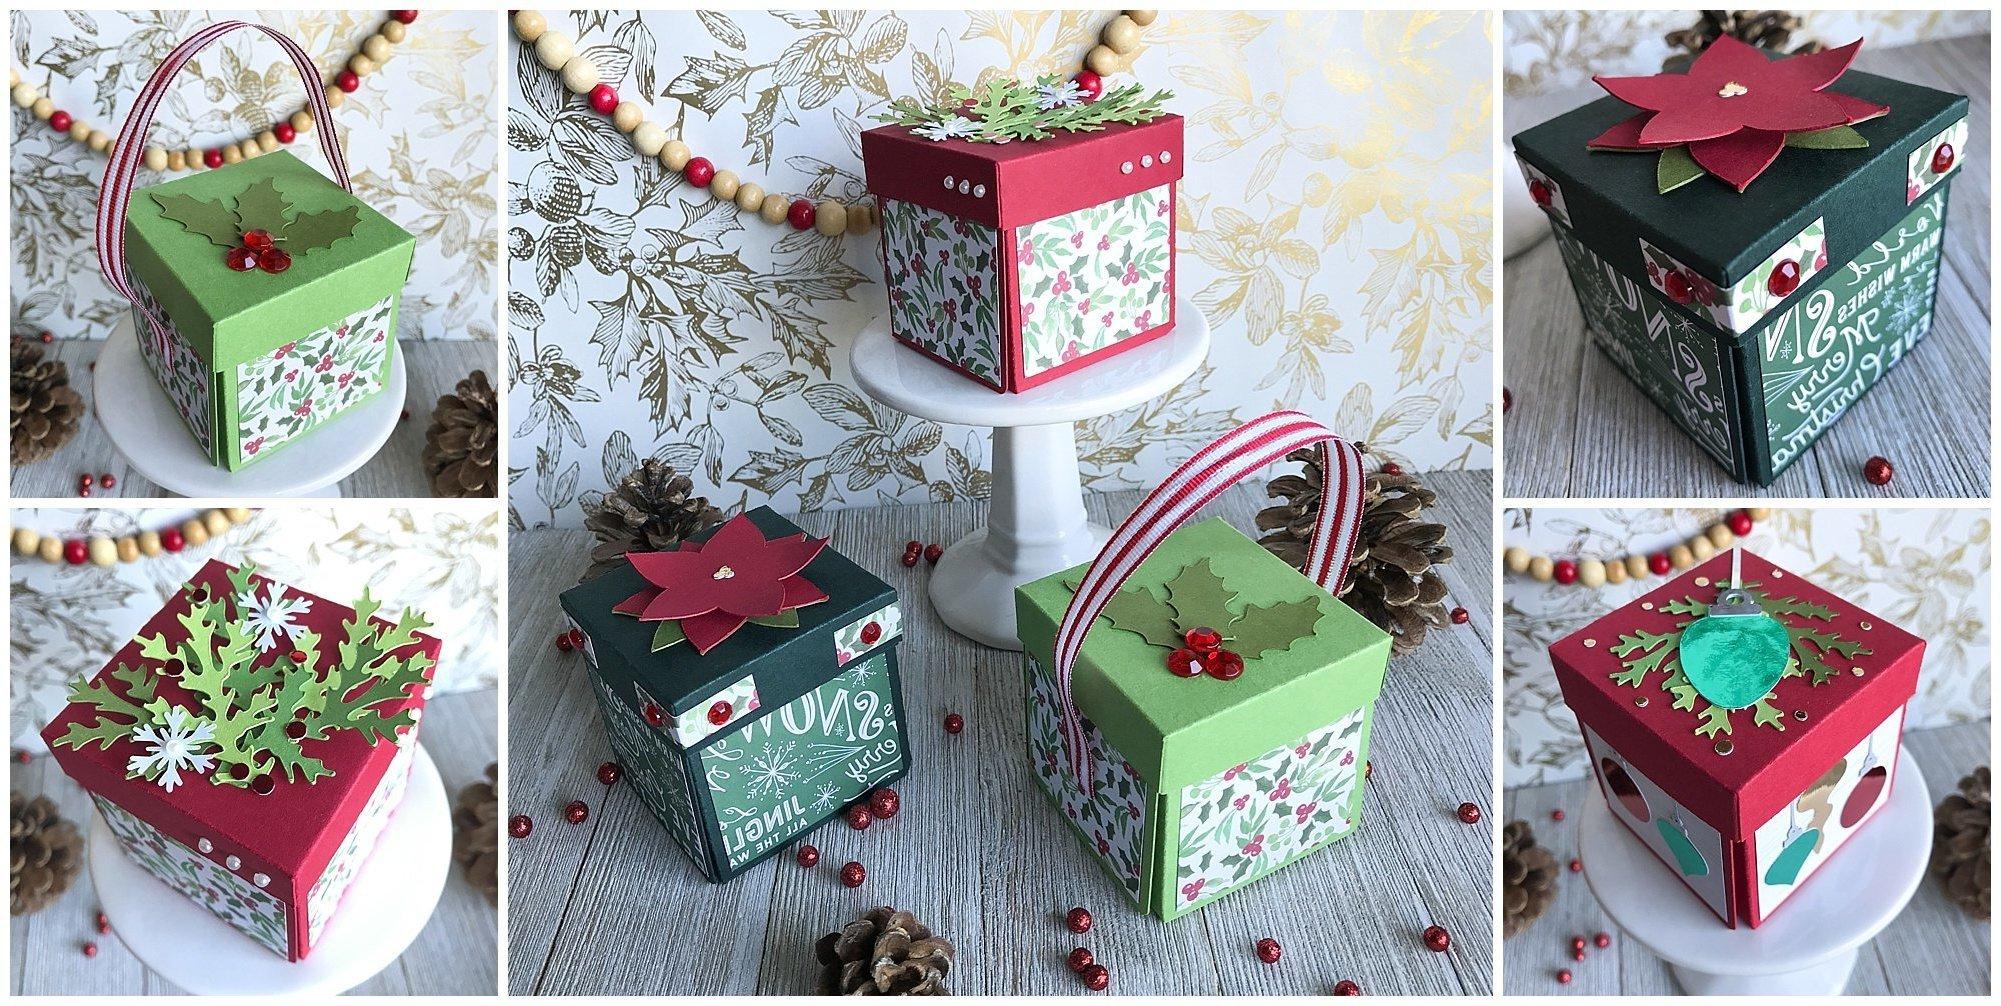 In unserem Beitrag finden Sie die schönsten Ideen für originelle Weihnachtsgeschenke selber Machen, nur lassen Sie sich davon inspirieren!